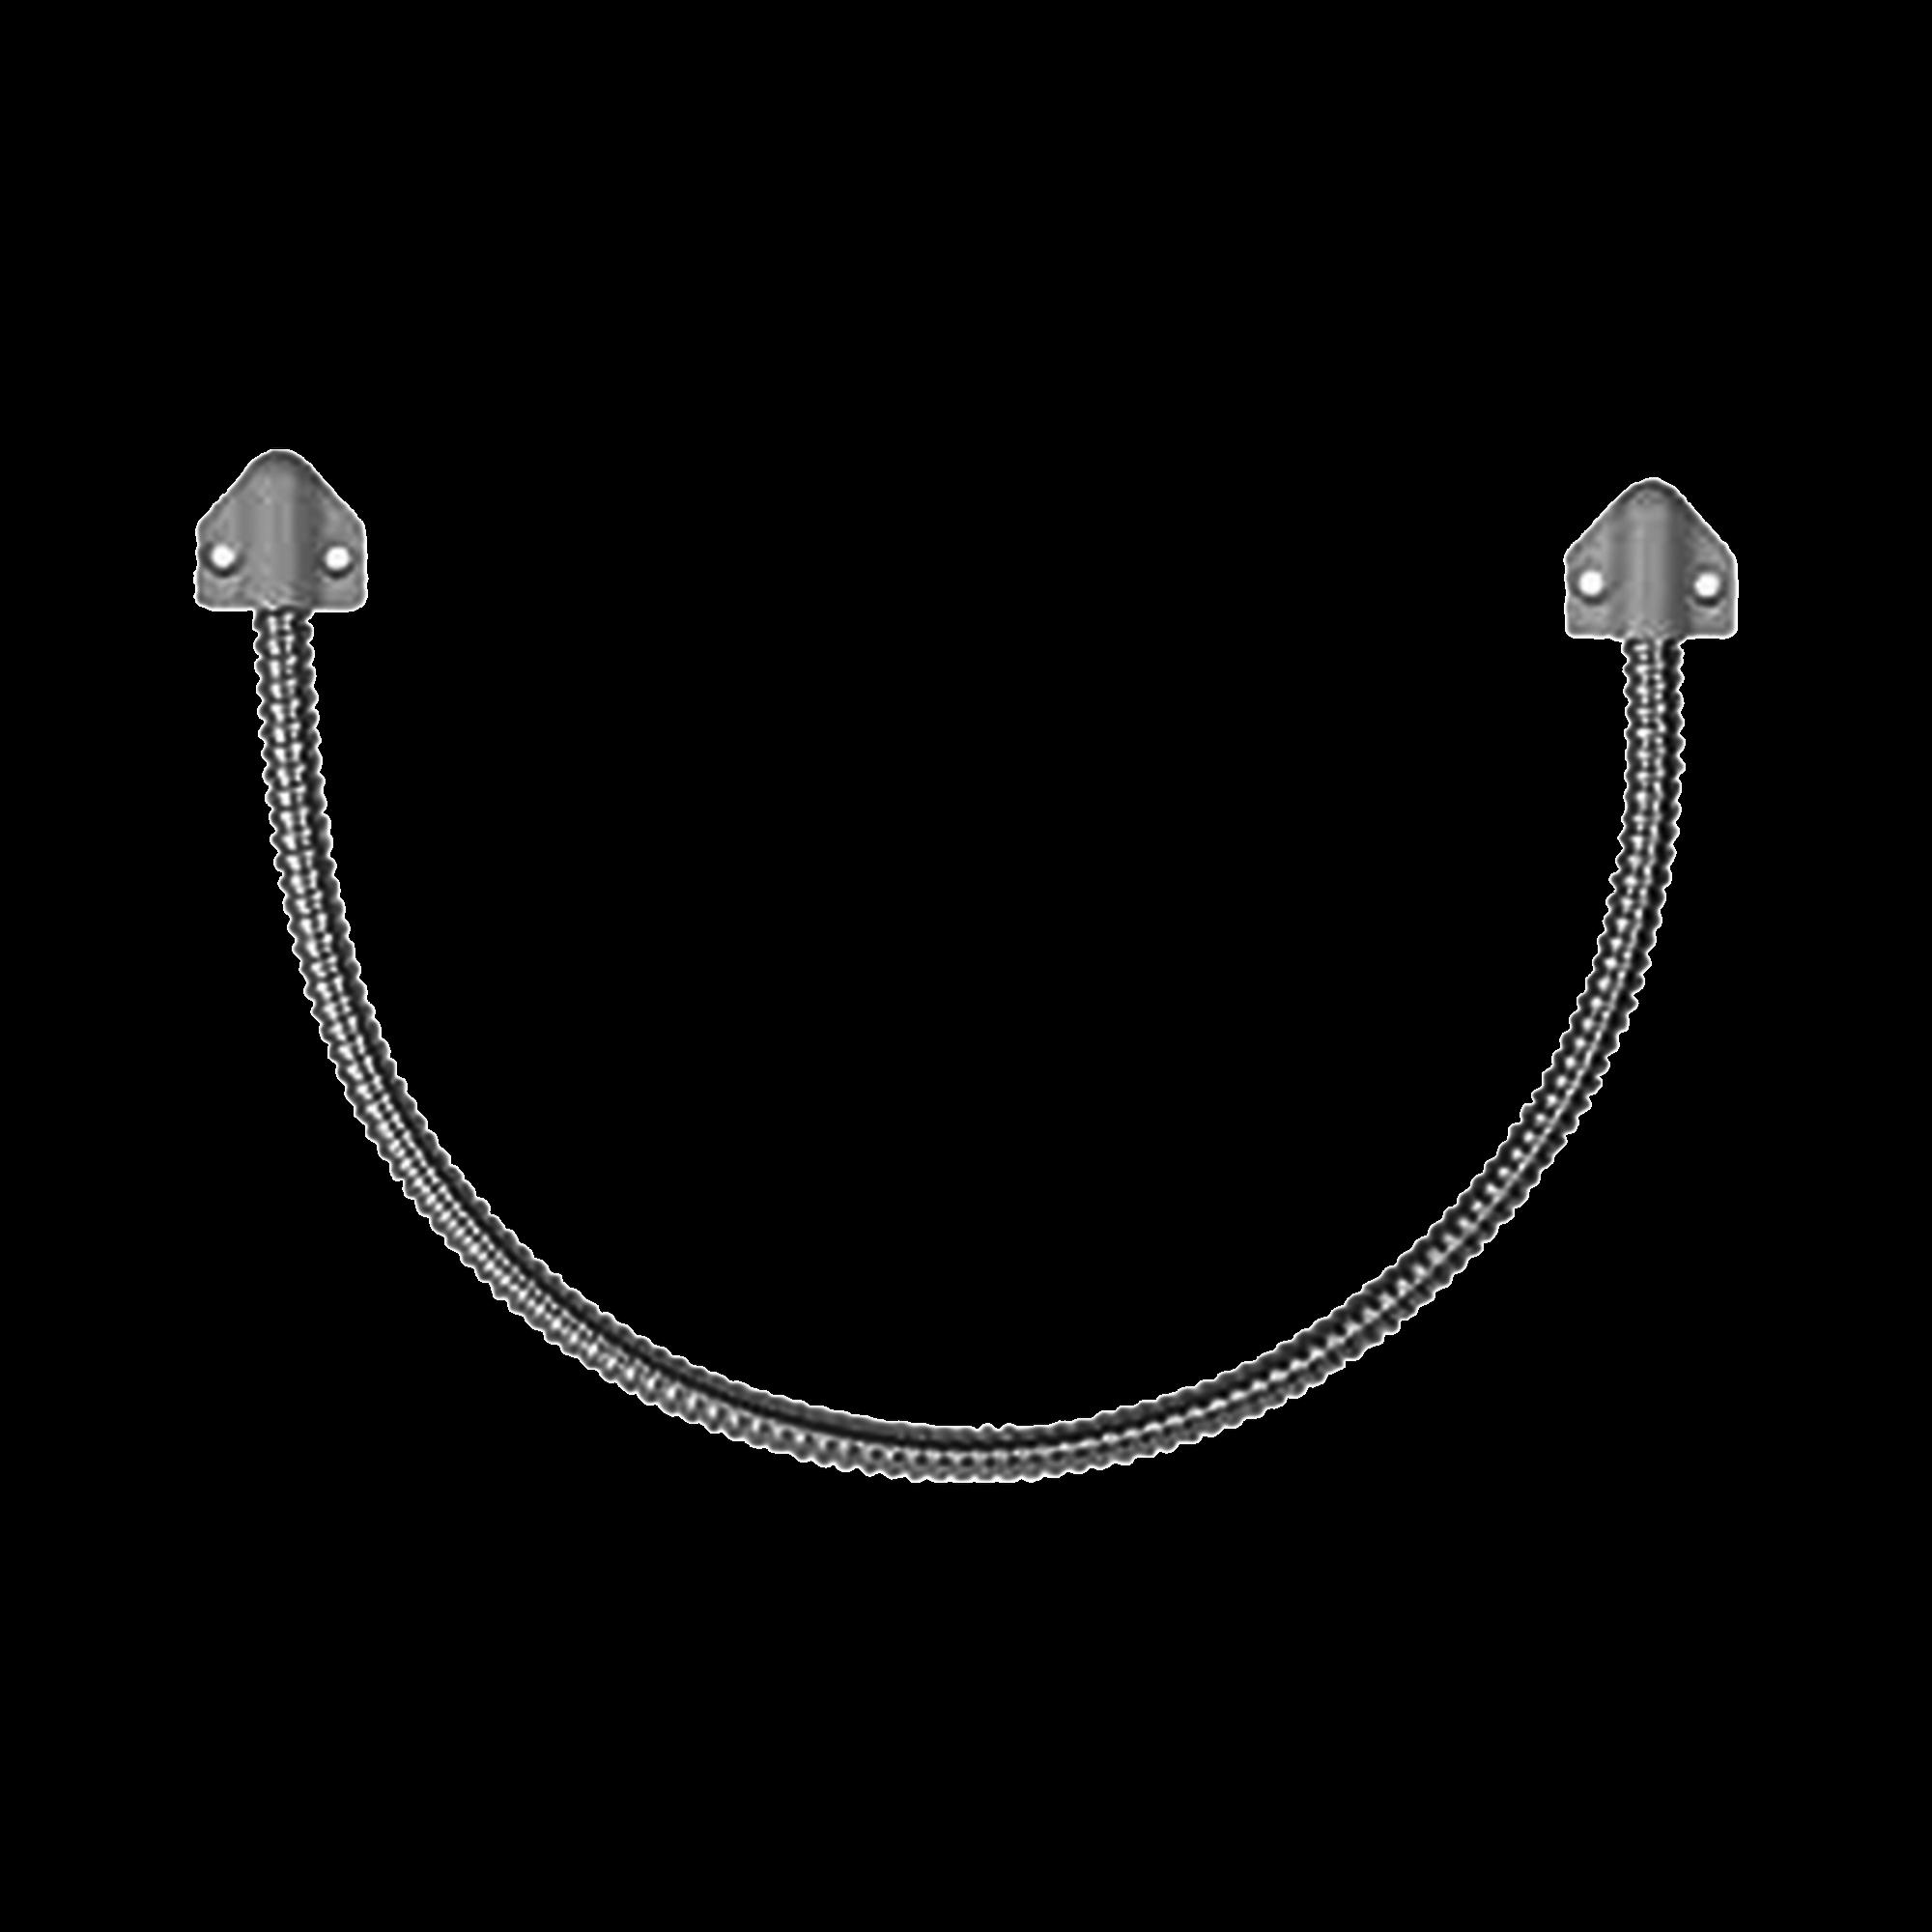 Loop para Cable 7  para cal 22 & 18 / 2 Años de Garantia